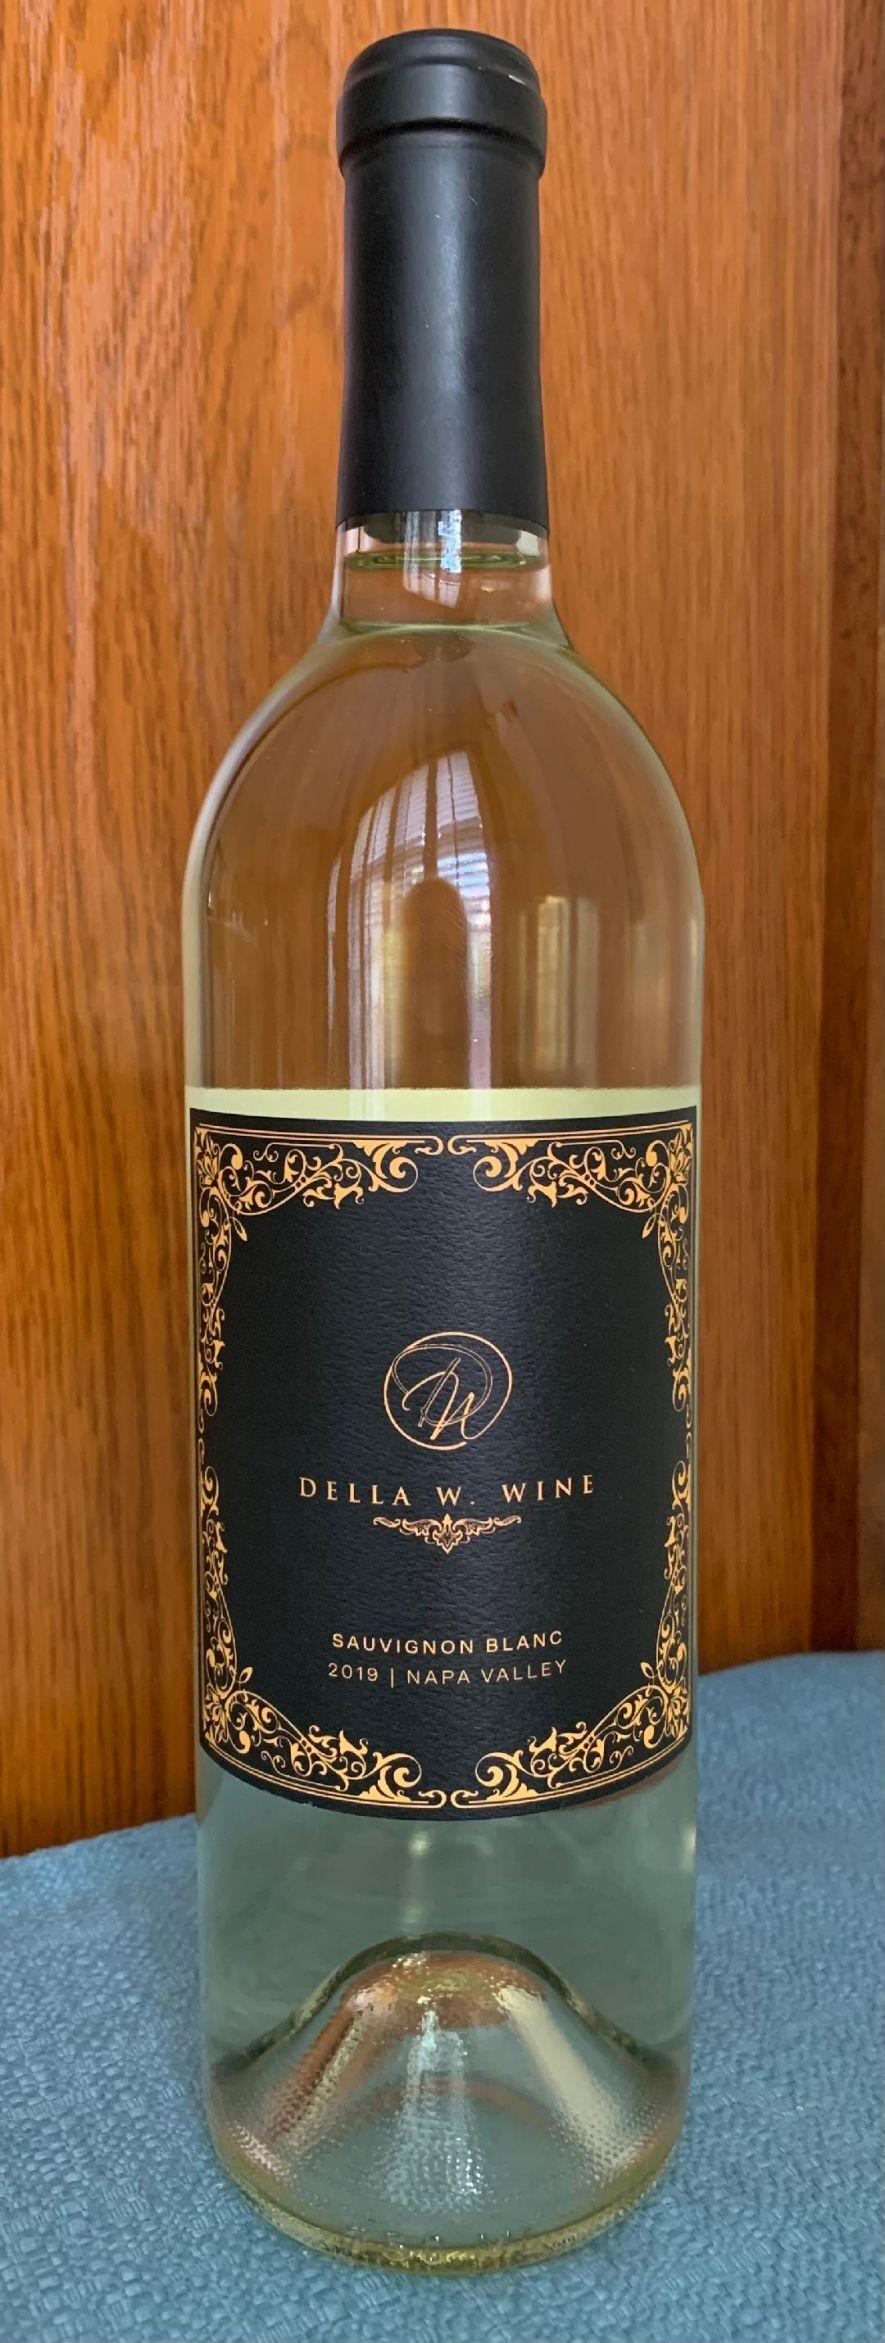 Della wine